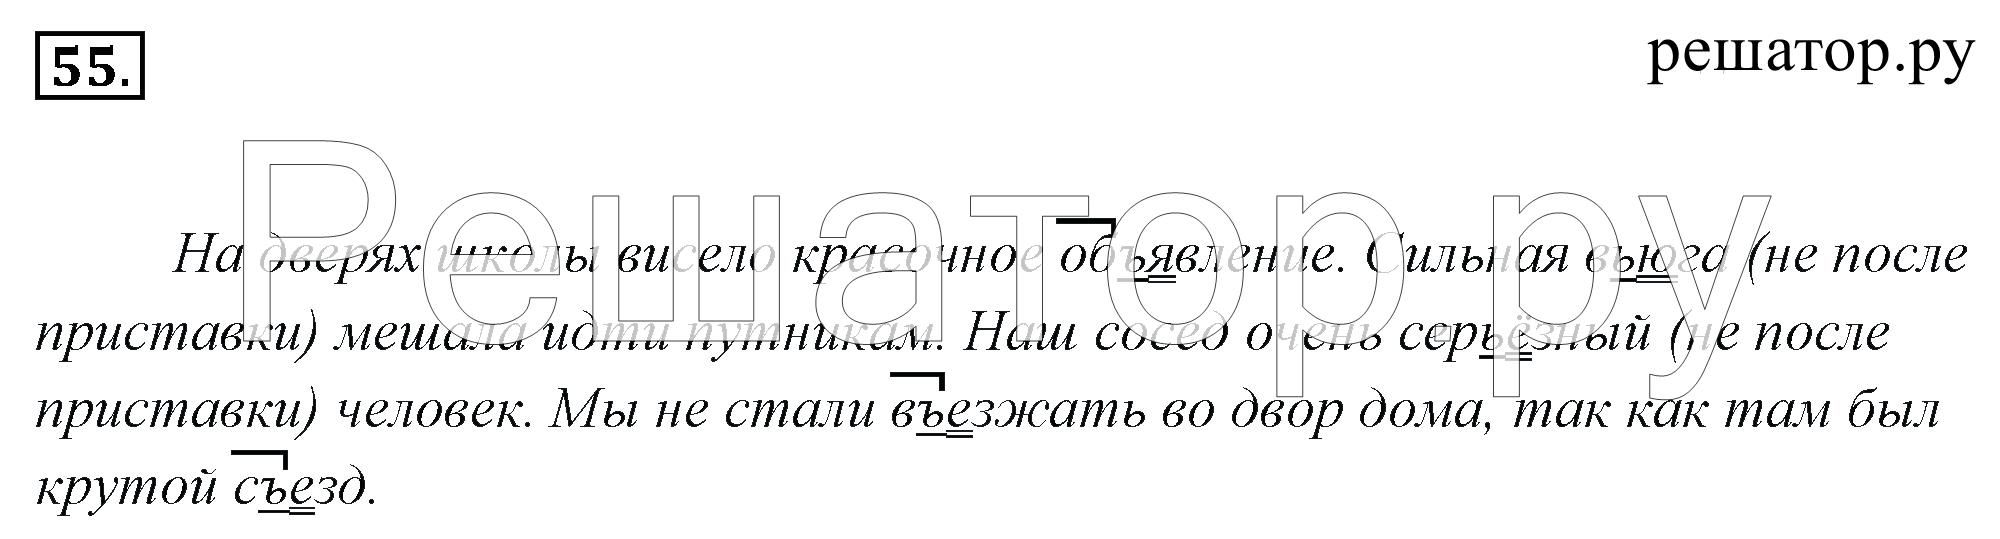 Ответ упражнения 307 по русскому языку 5 класс ладыженская 2018 год 1 часть